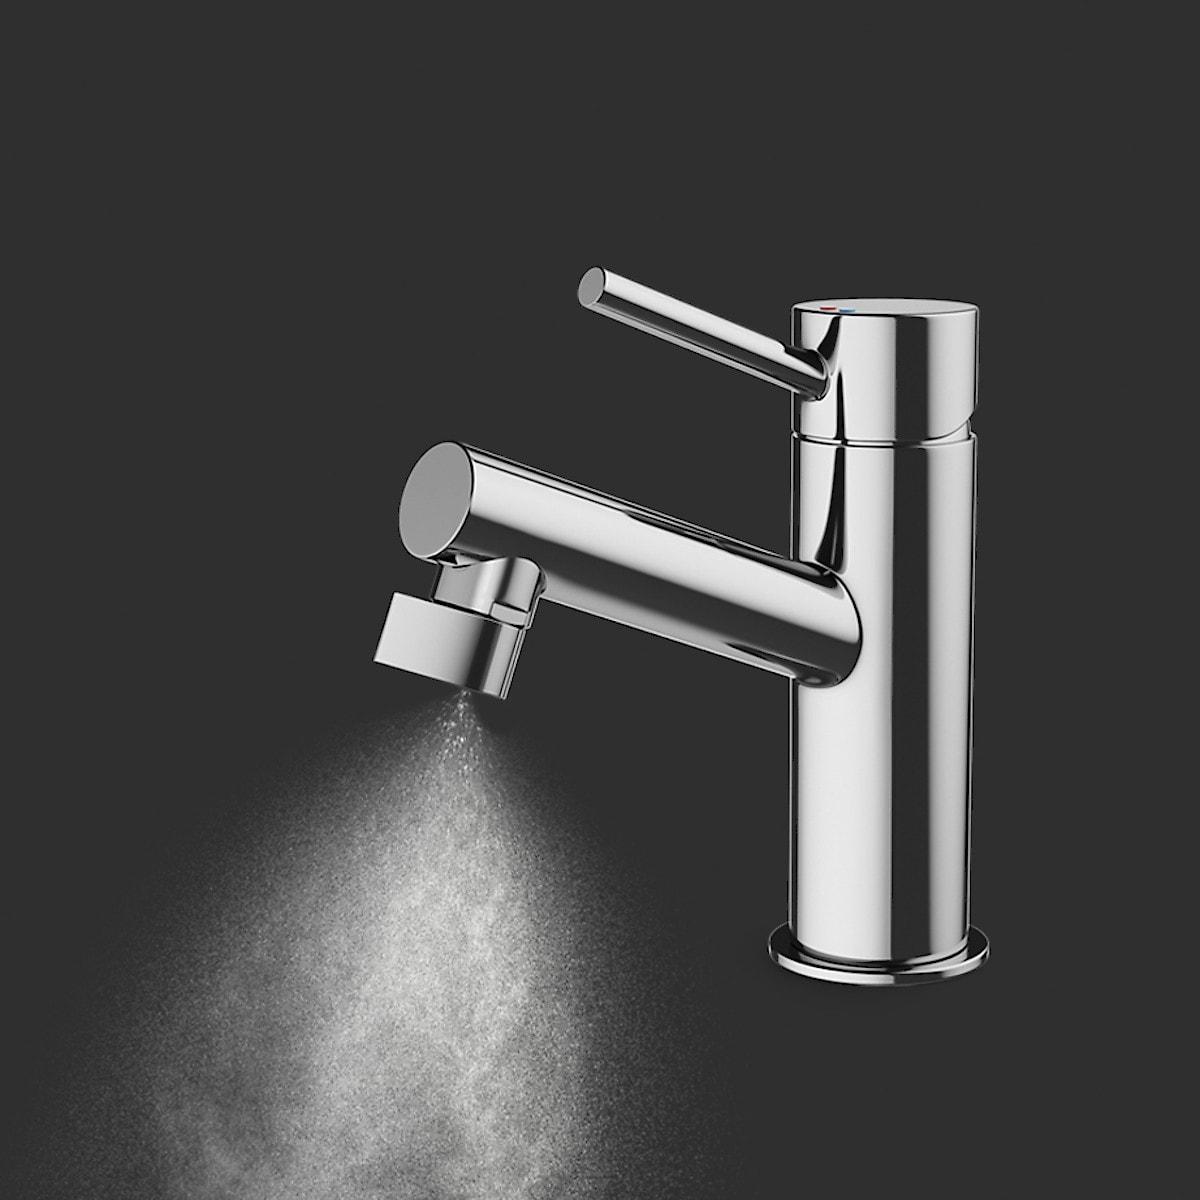 Strålsamlare Altered:Nozzle